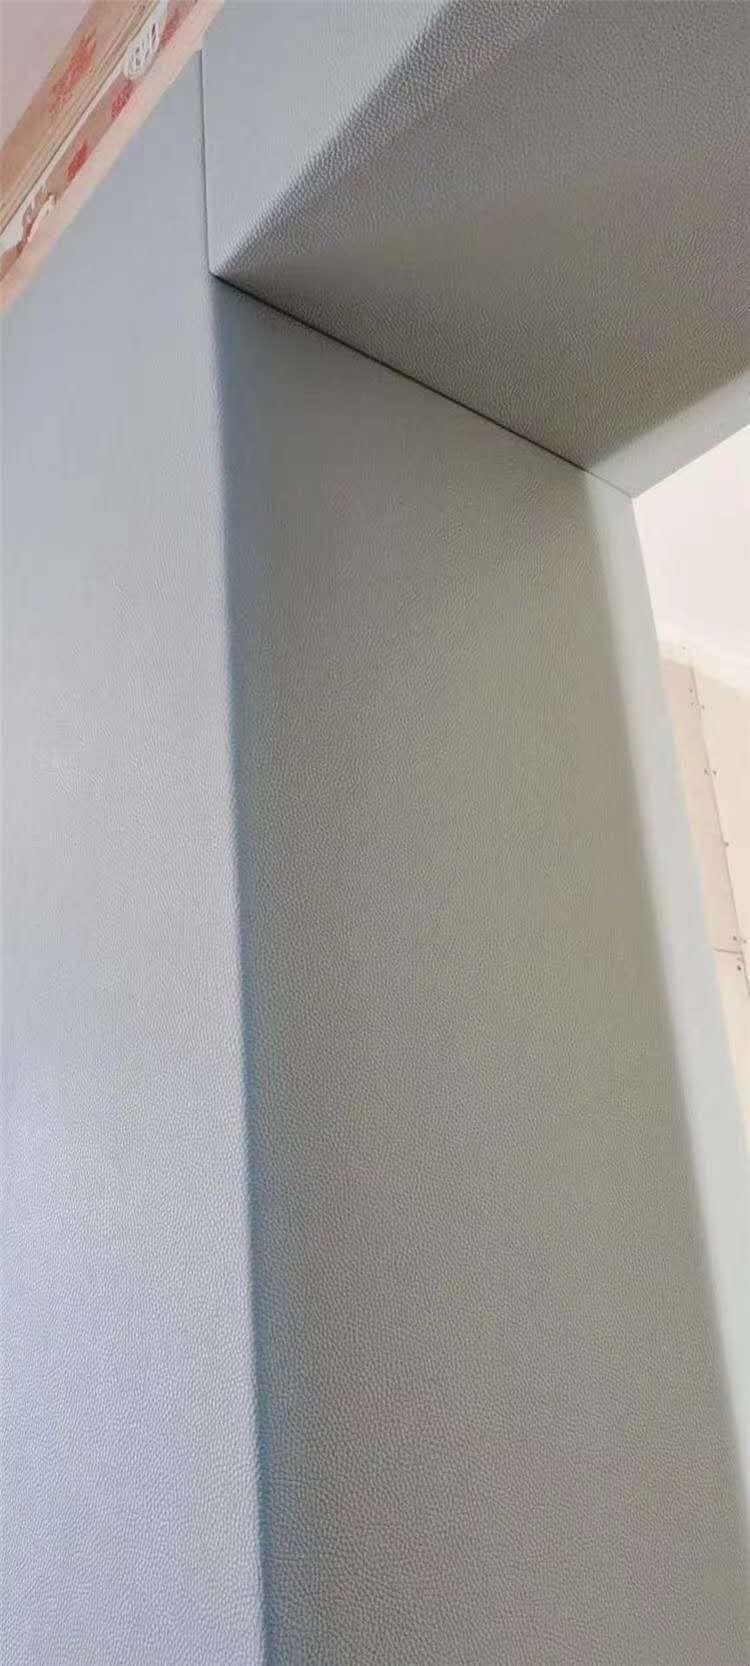 审讯室防撞软包 留置室墙面软包 广东皮革软包厂